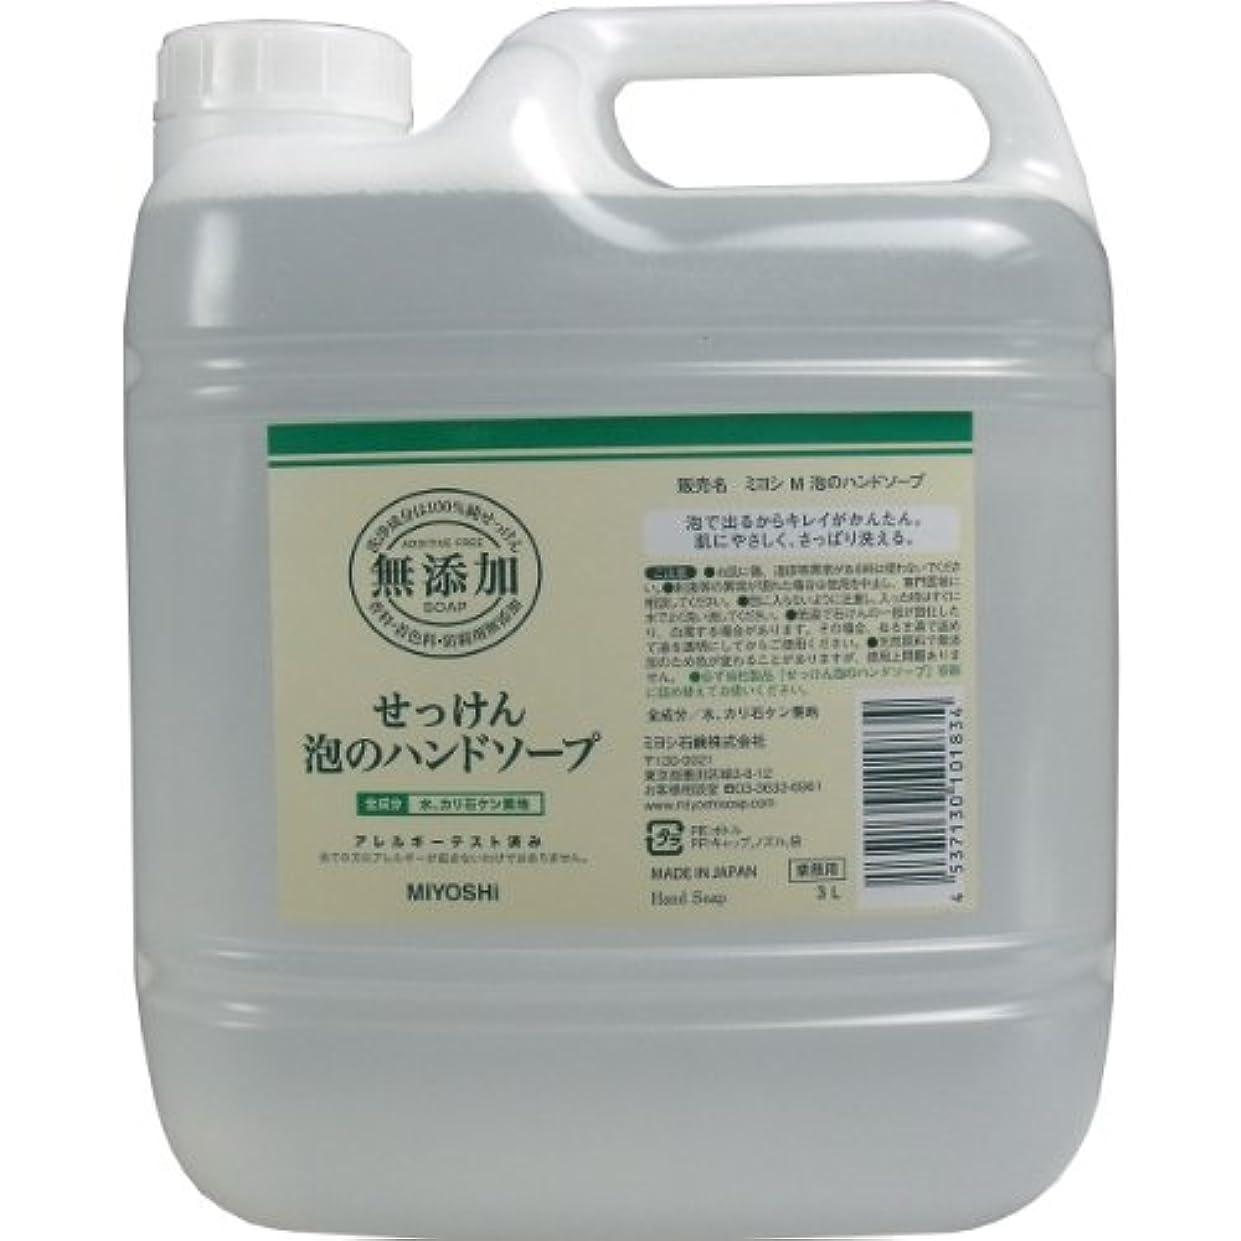 ゴネリル致命的なサバント無添加せっけん 泡のハンドソープ 詰替用 (業務用) 3L